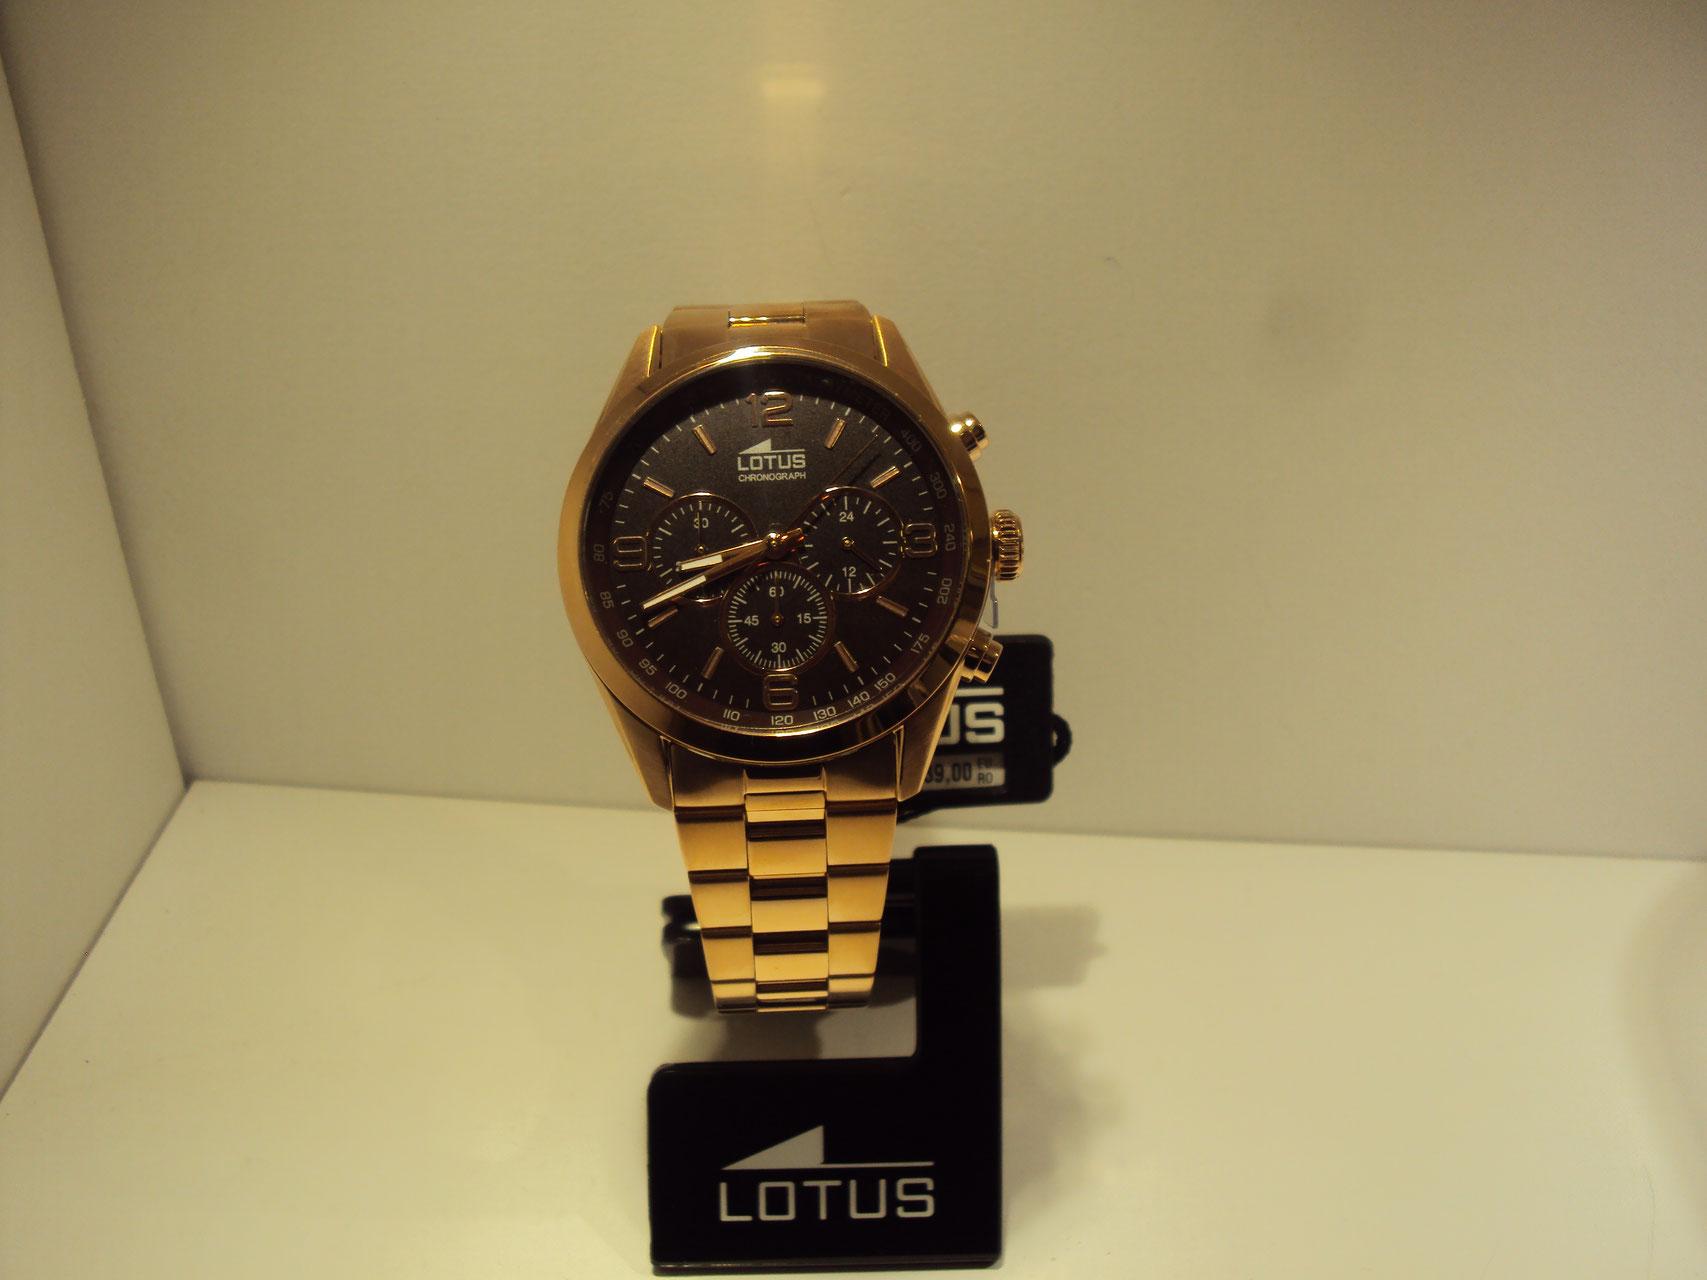 Reloj Lotus cronográfo de hombre cobrizo con esfera de color chocolate.139€